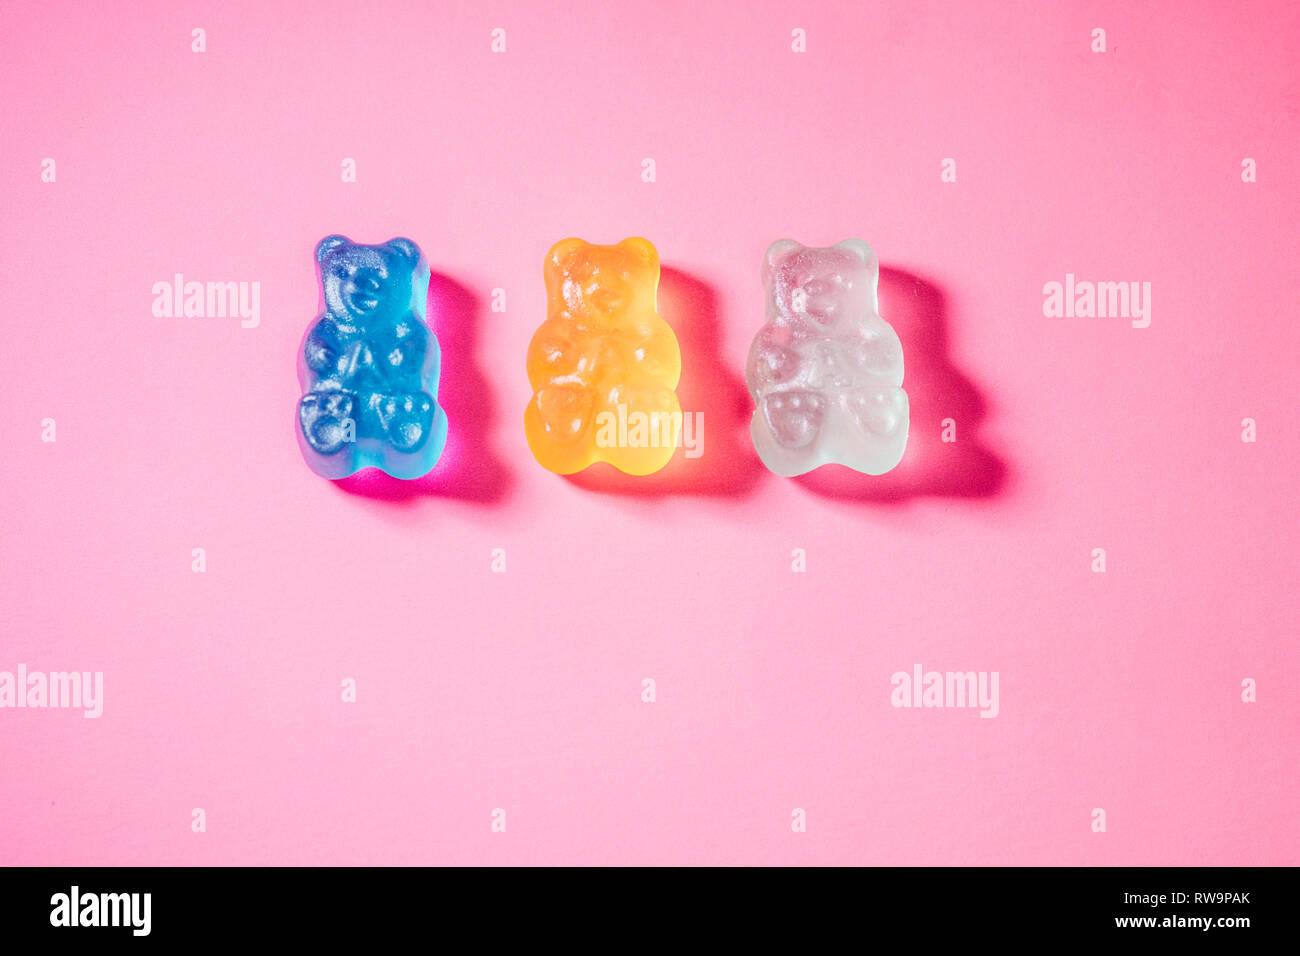 Un close-up de trois ours gommeux vivement colorées, photographié sur un fond rose avec poppy studio light. Banque D'Images